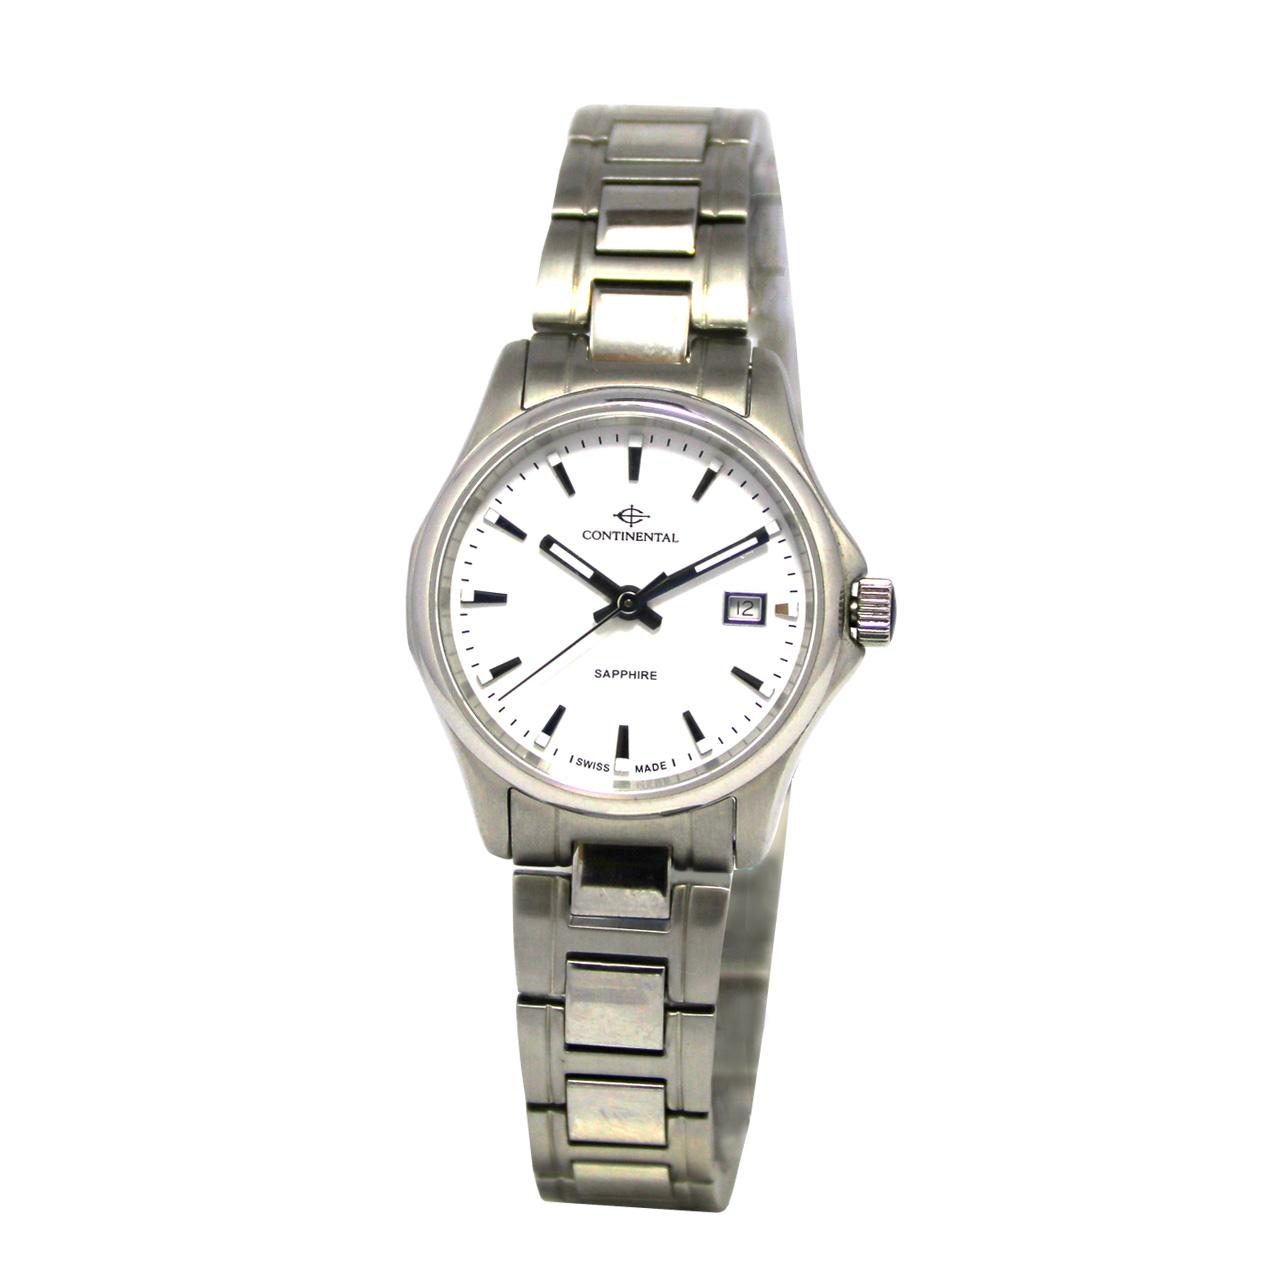 ساعت مچی عقربه ای زنانه کنتیننتال مدل 207-14203 54